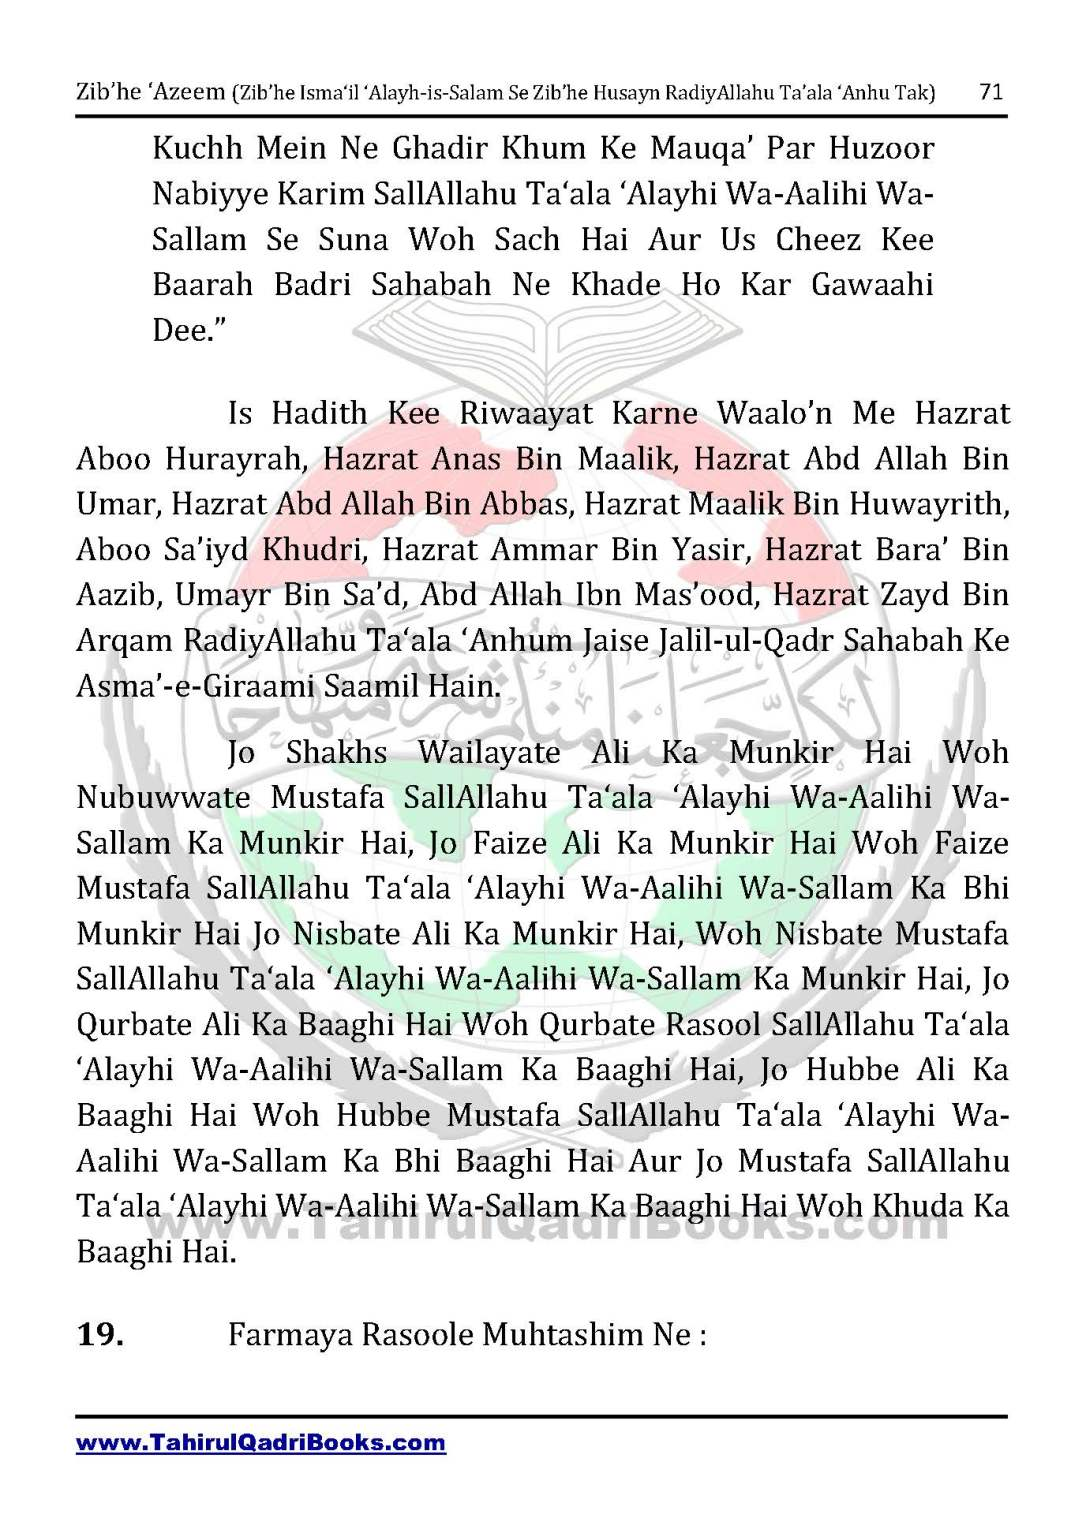 zib_he-e28098azeem-zib_he-ismacabbil-se-zib_he-husayn-tak-in-roman-urdu-unlocked_Page_071